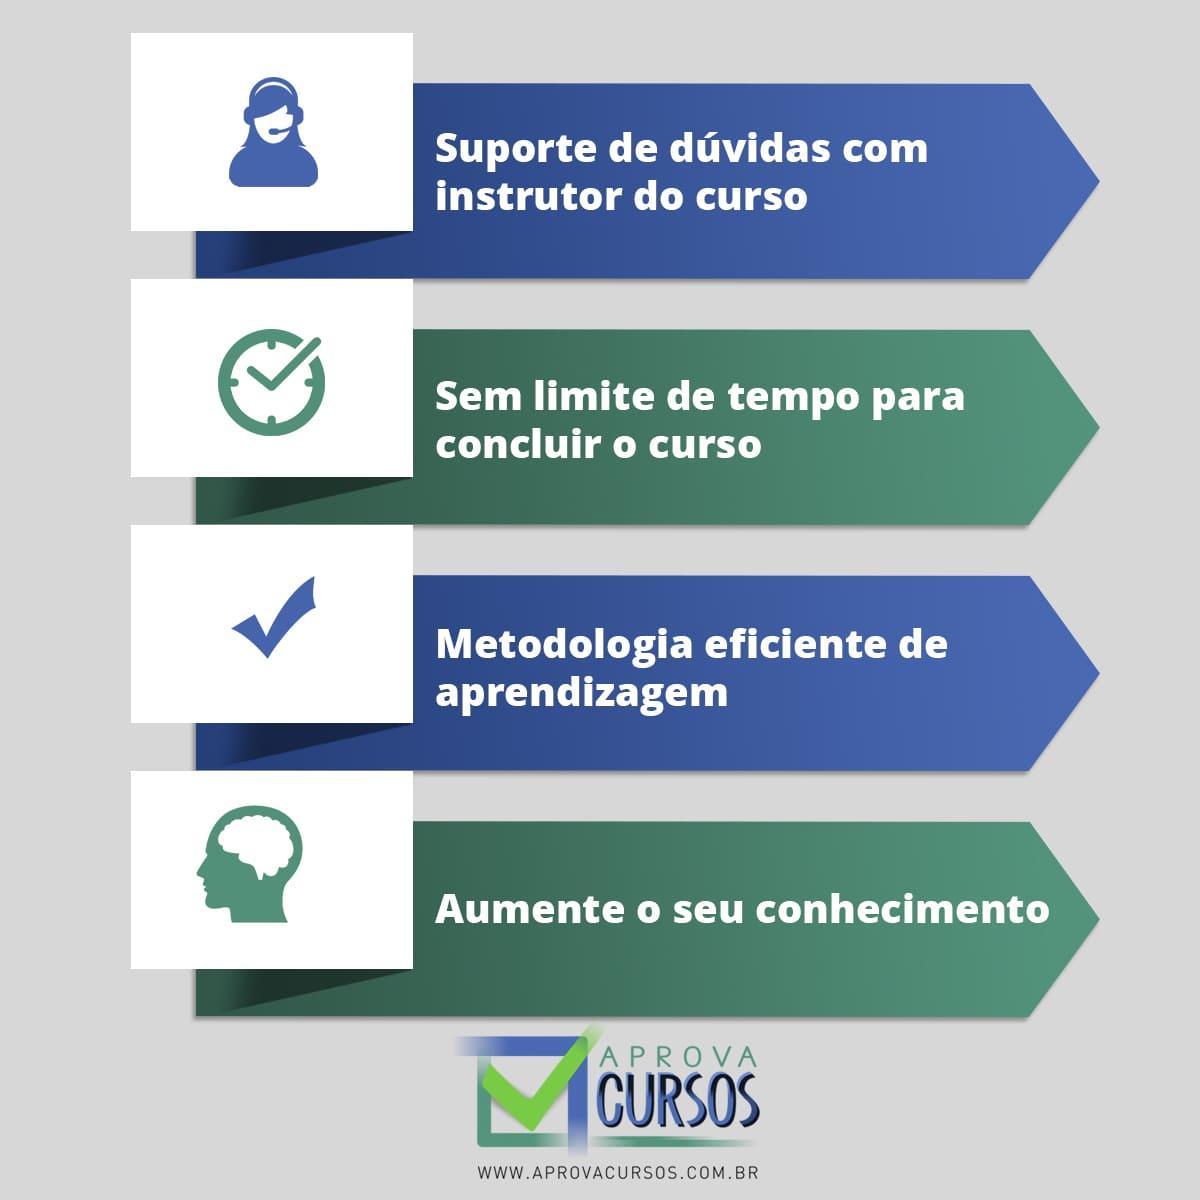 Curso Online de Coordenação Pedagógica de Educação a Distância com Certificado  - Aprova Cursos